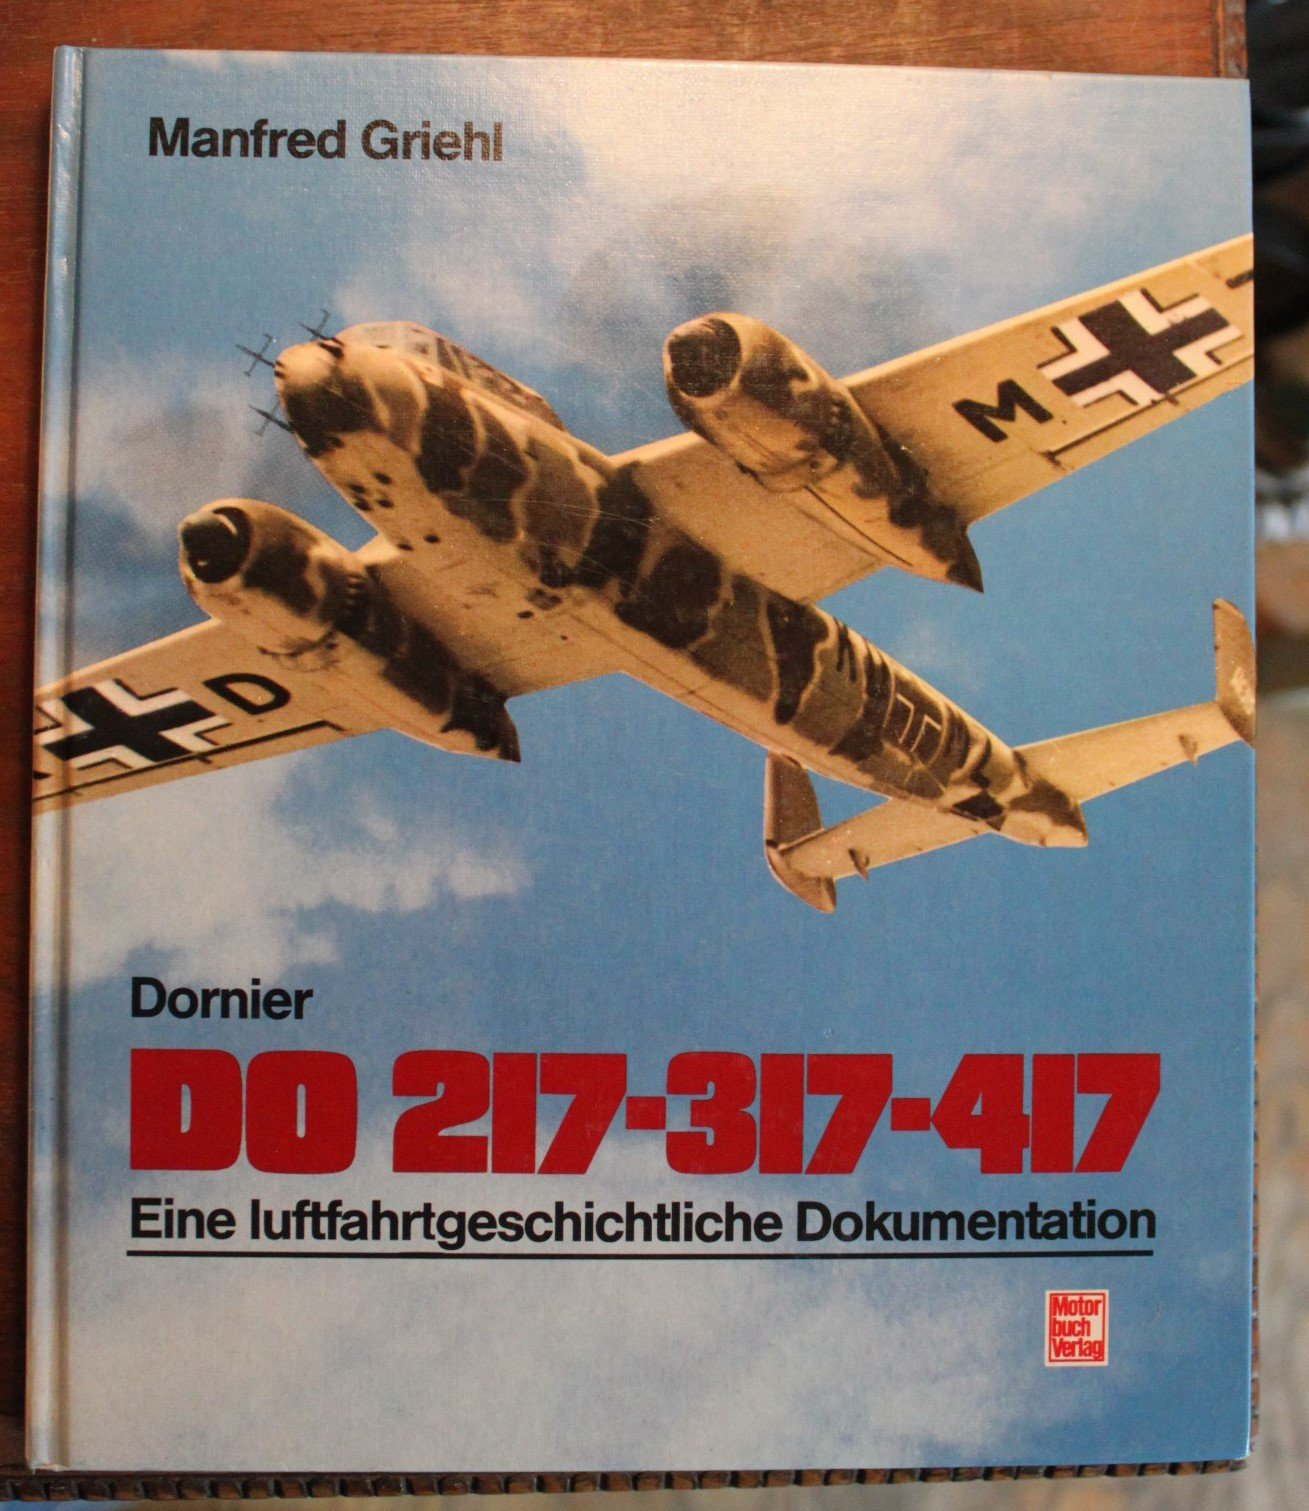 Dornier DO 217, 317, 417. Eine luftfahrtgeschichtliche Dokumentation